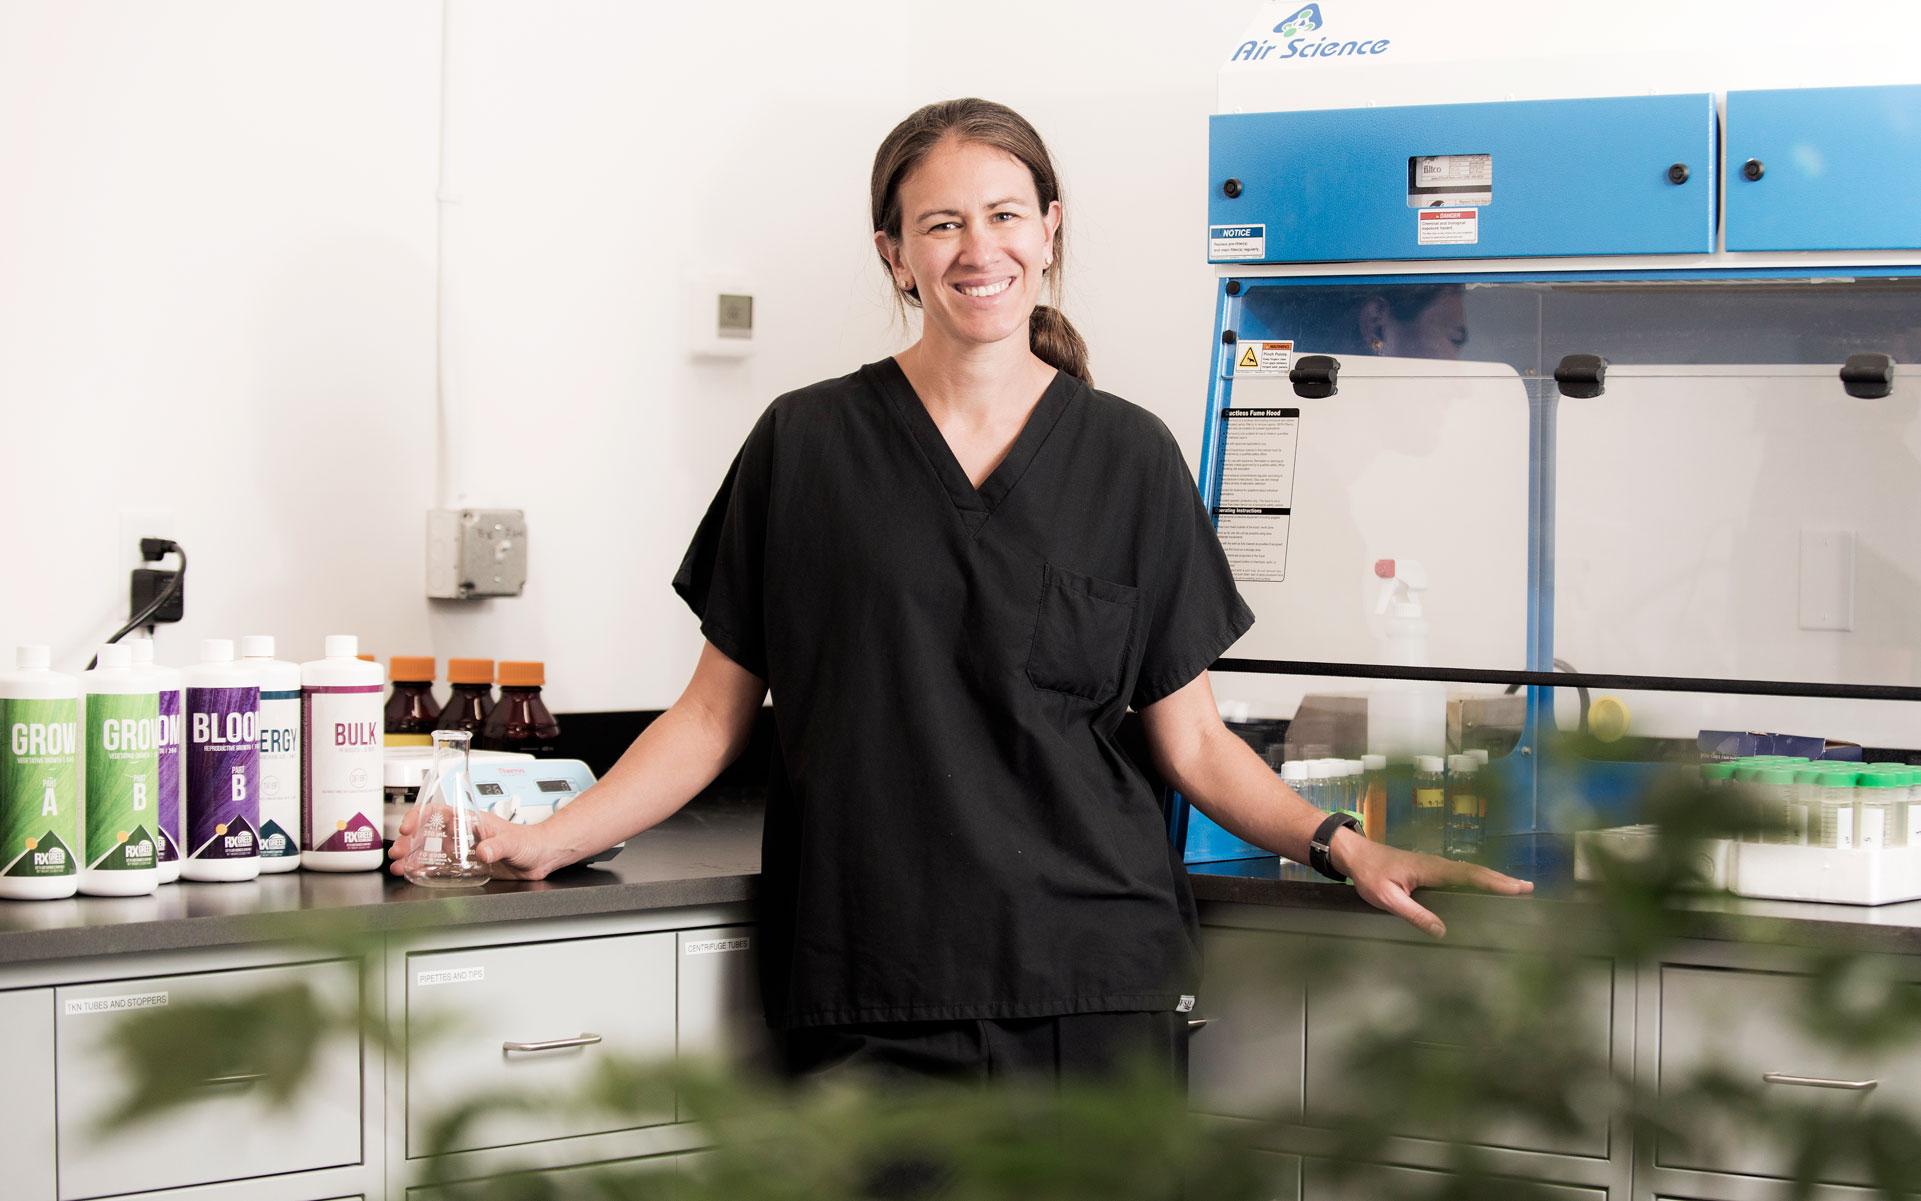 Stephanie Wedryk, PhD, in the lab